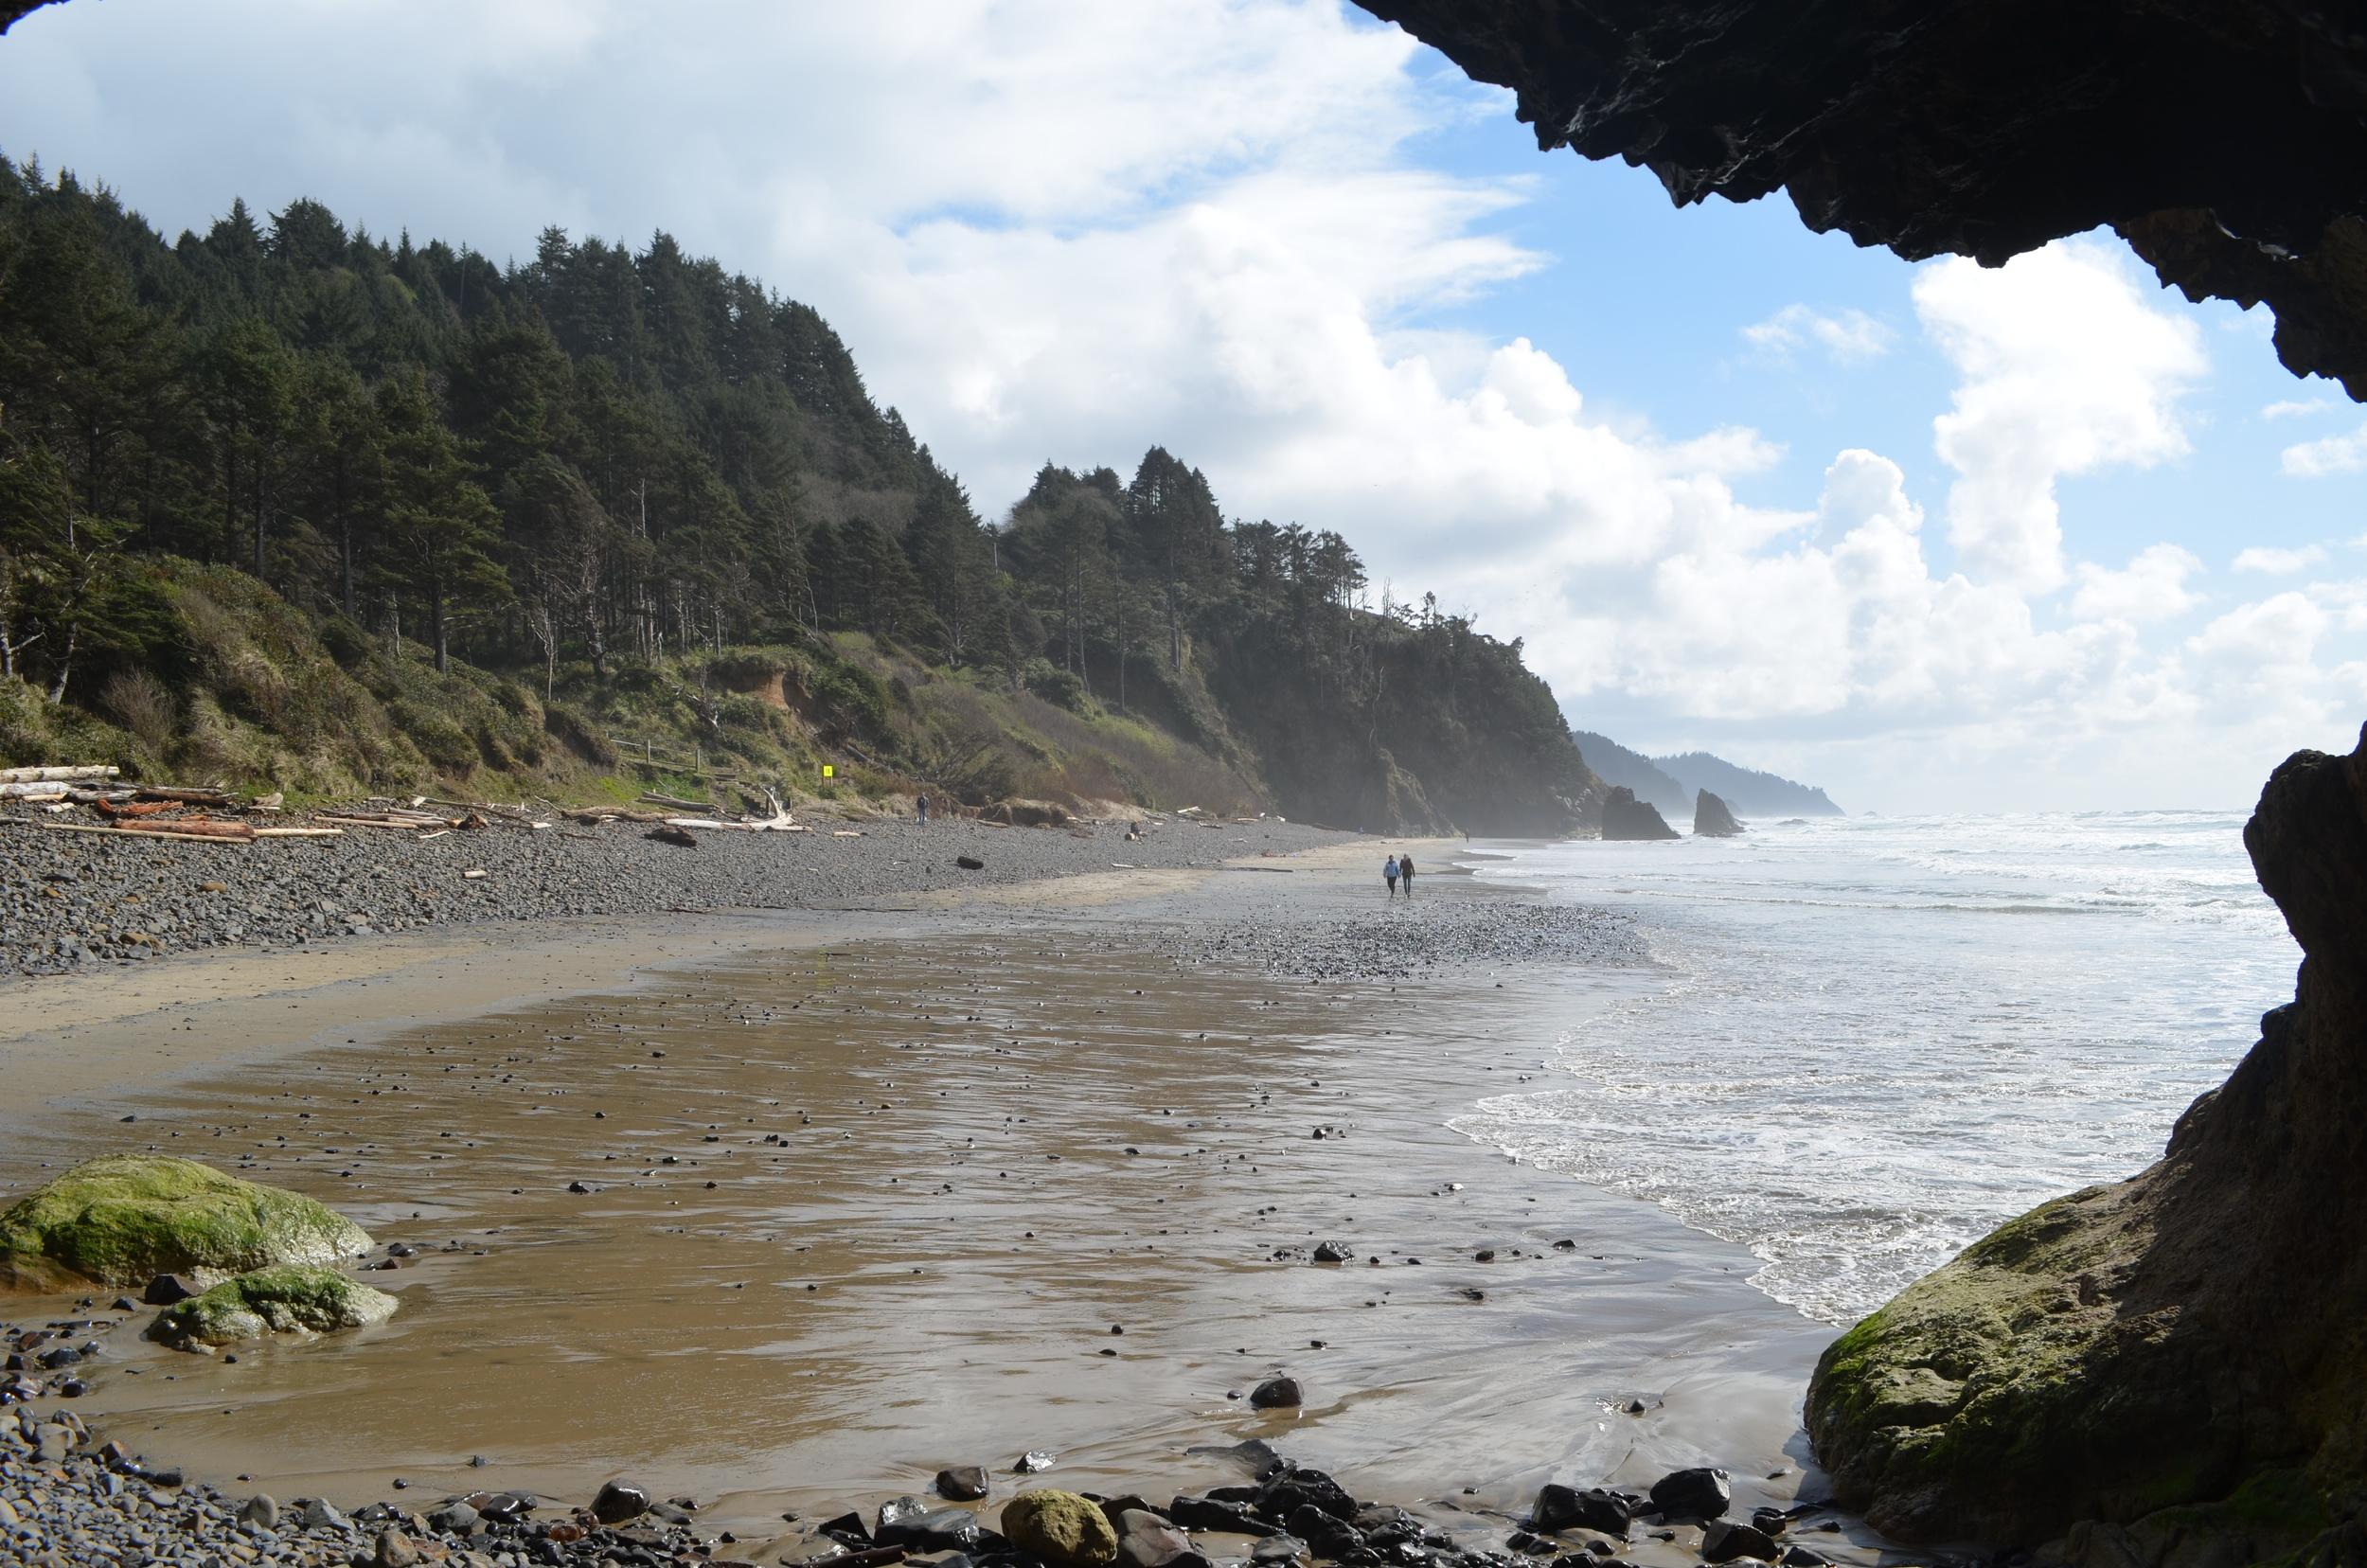 Hug Point Beach